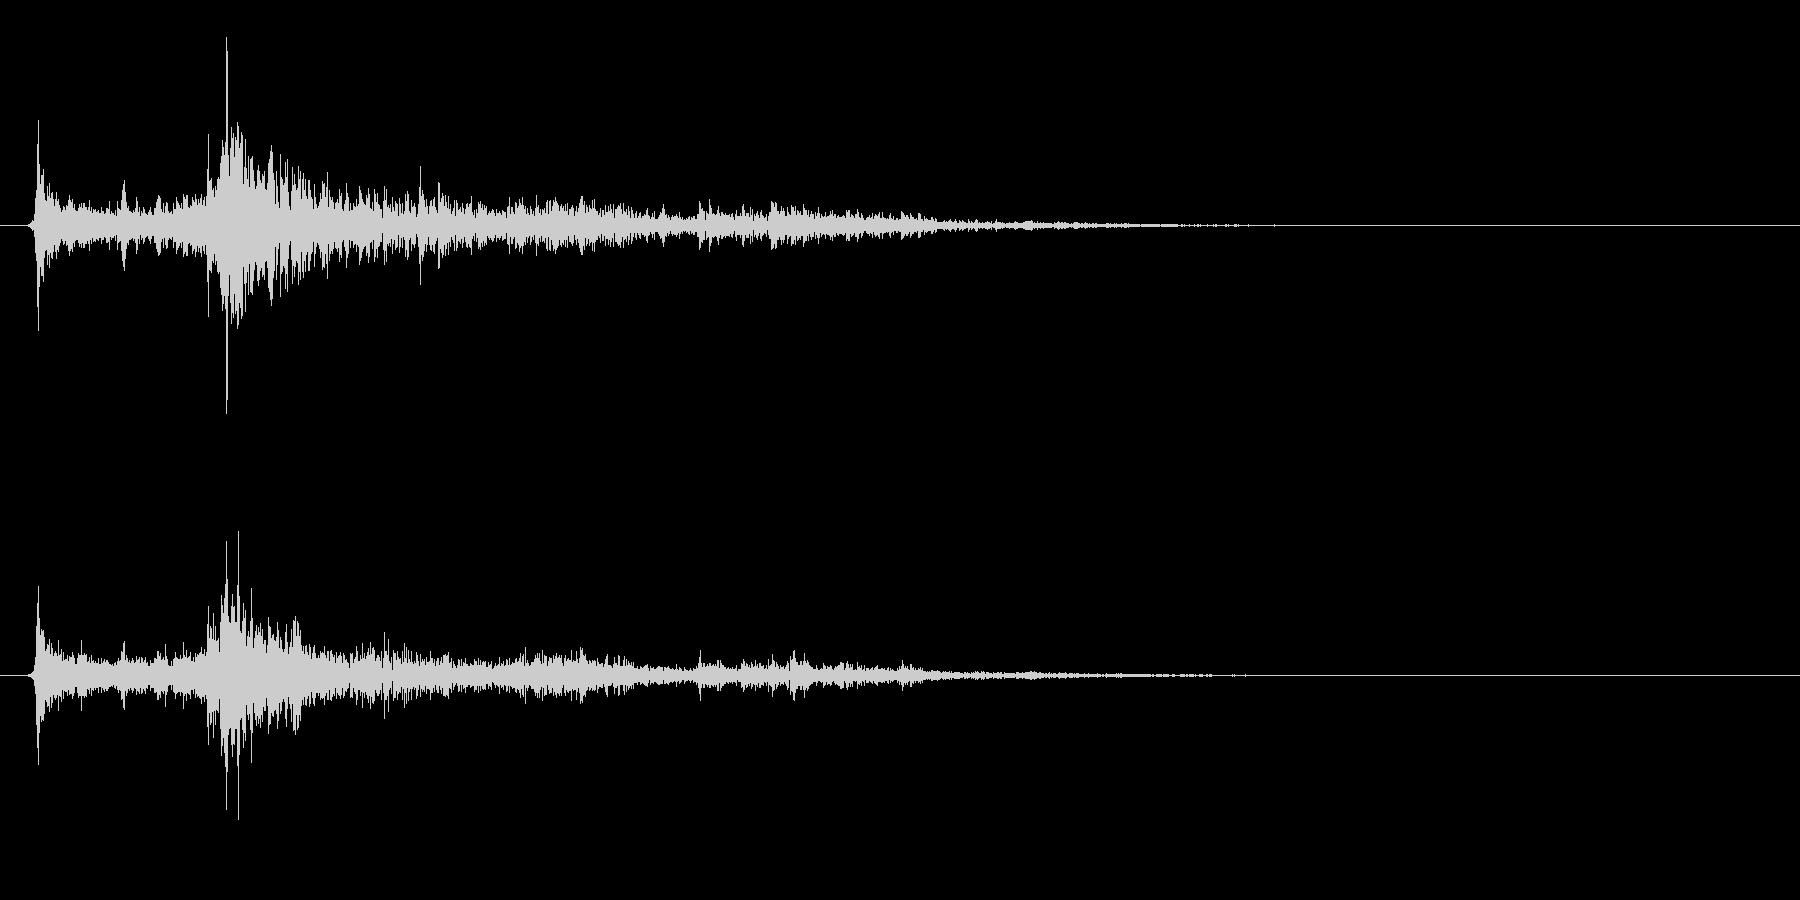 水に飛び込む音02の未再生の波形